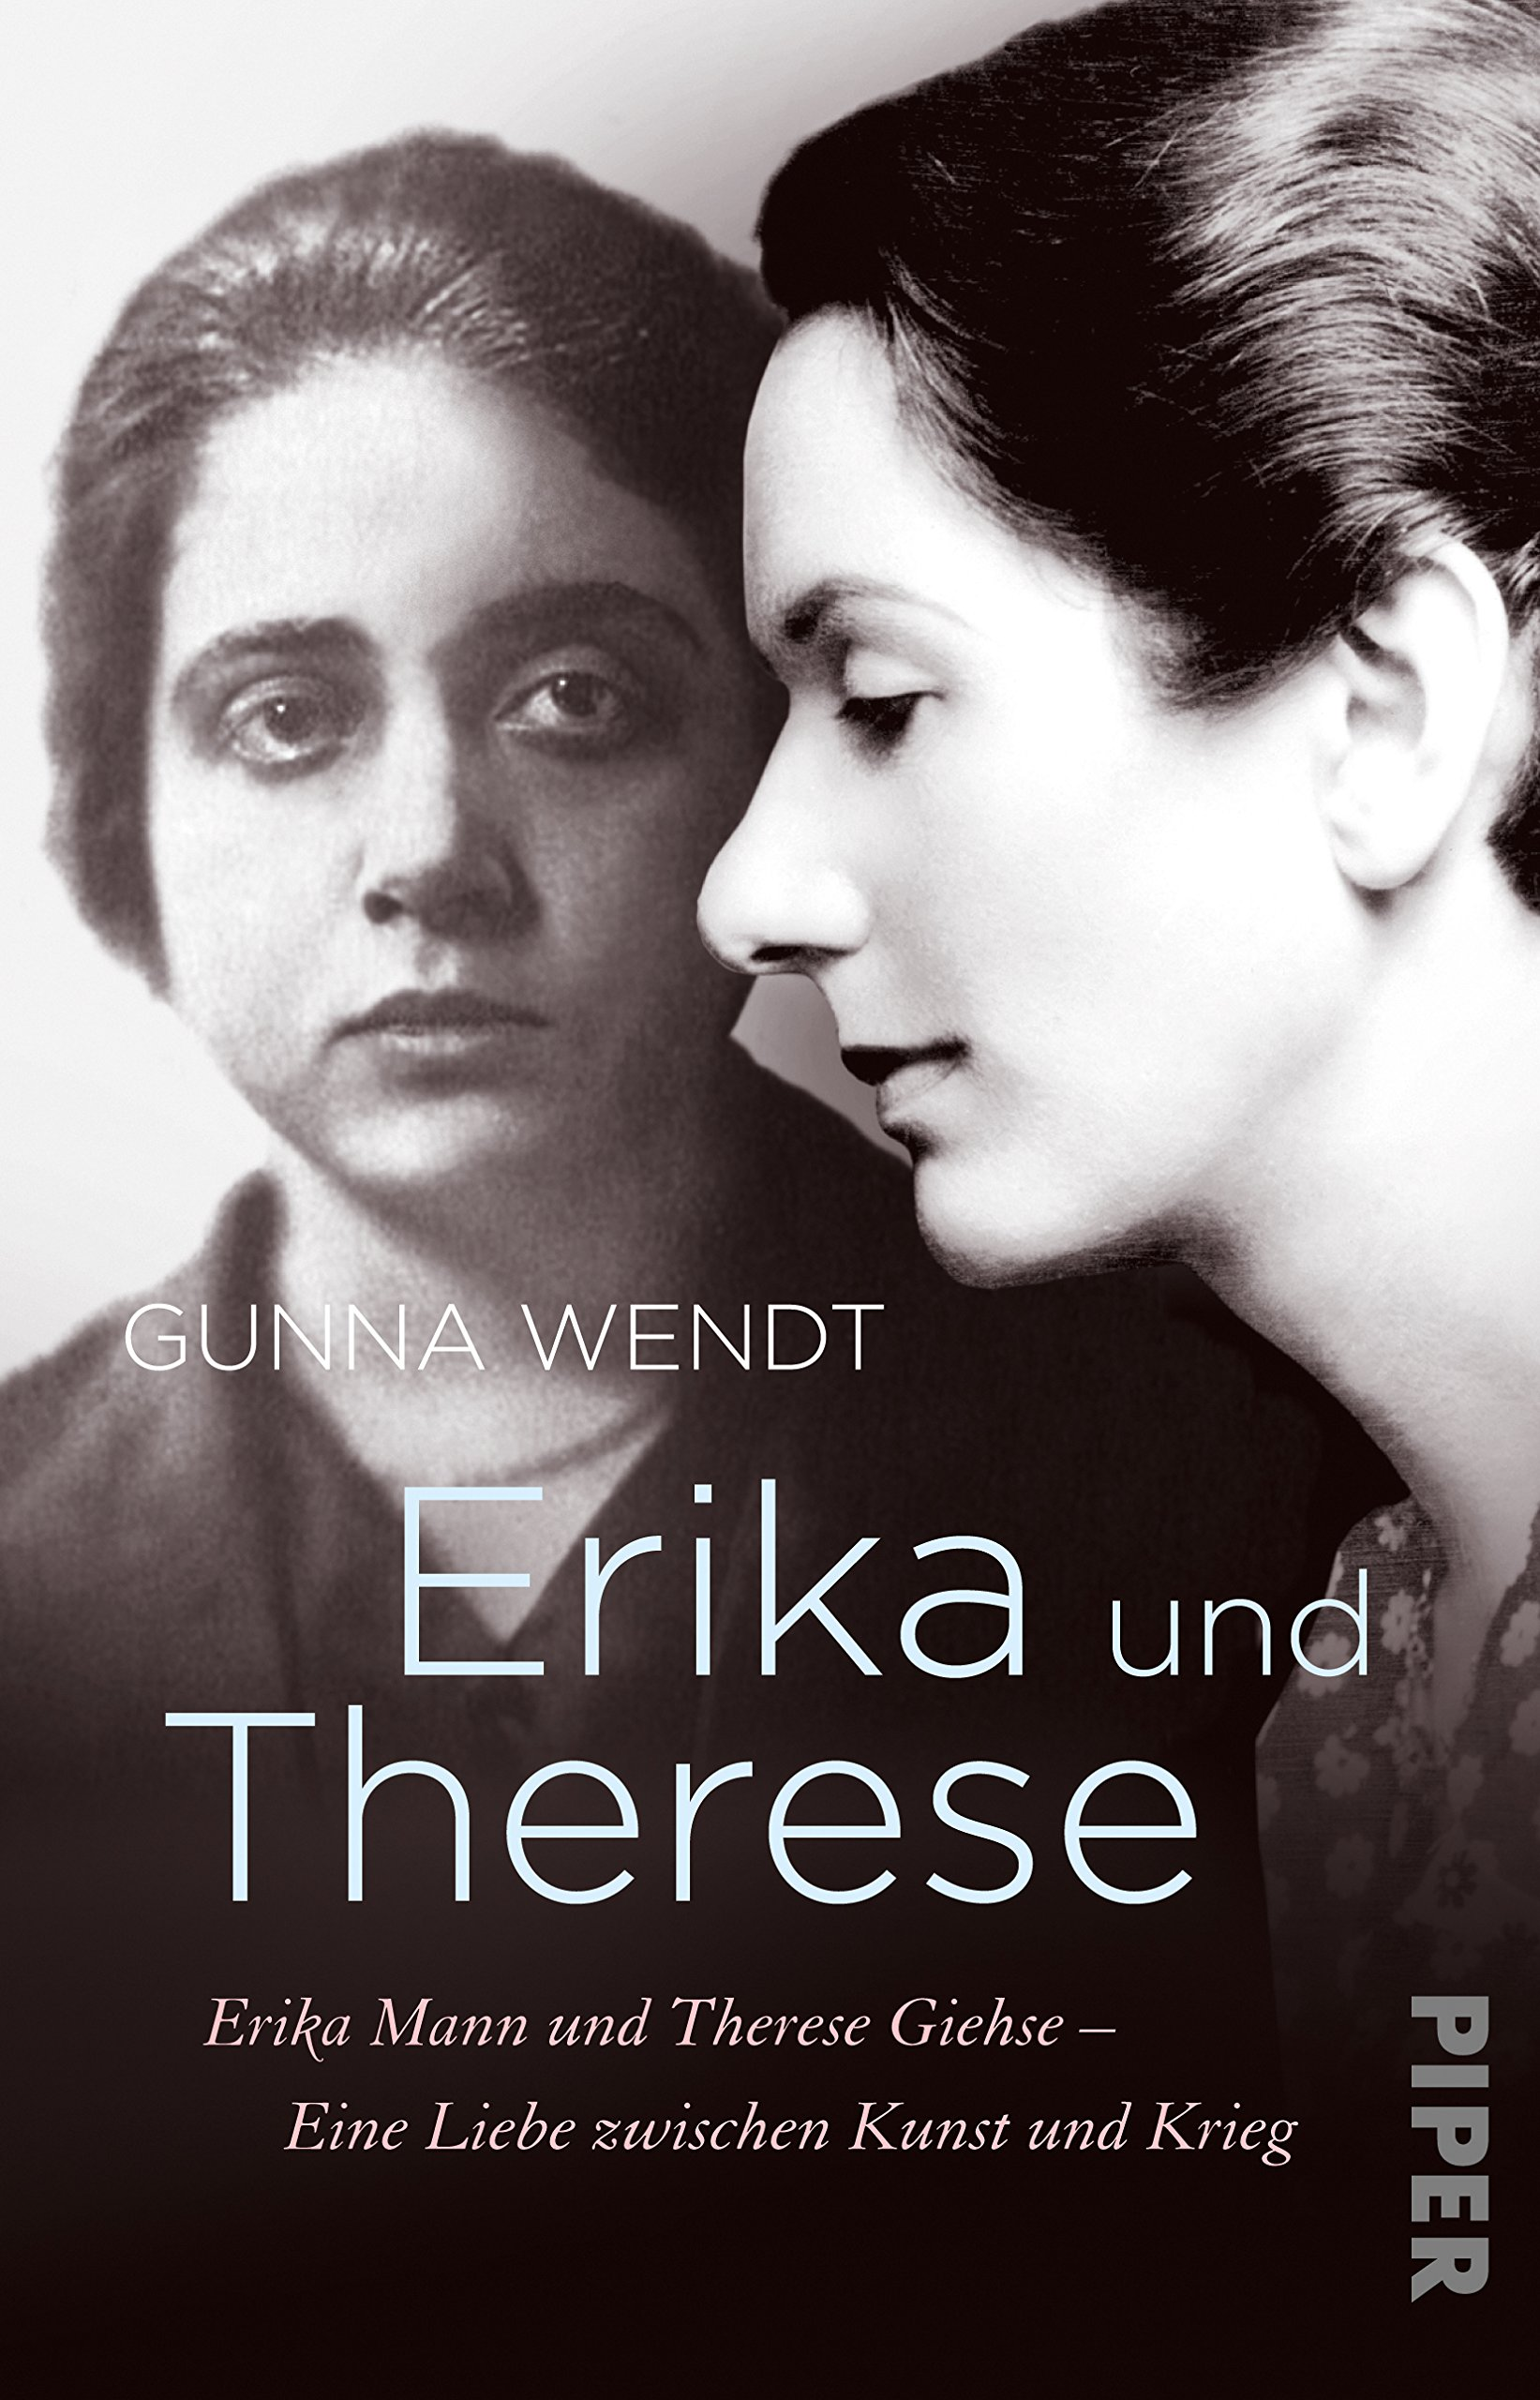 Erika und Therese: Erika Mann und Therese Giehse – Eine Liebe zwischen Kunst und Krieg